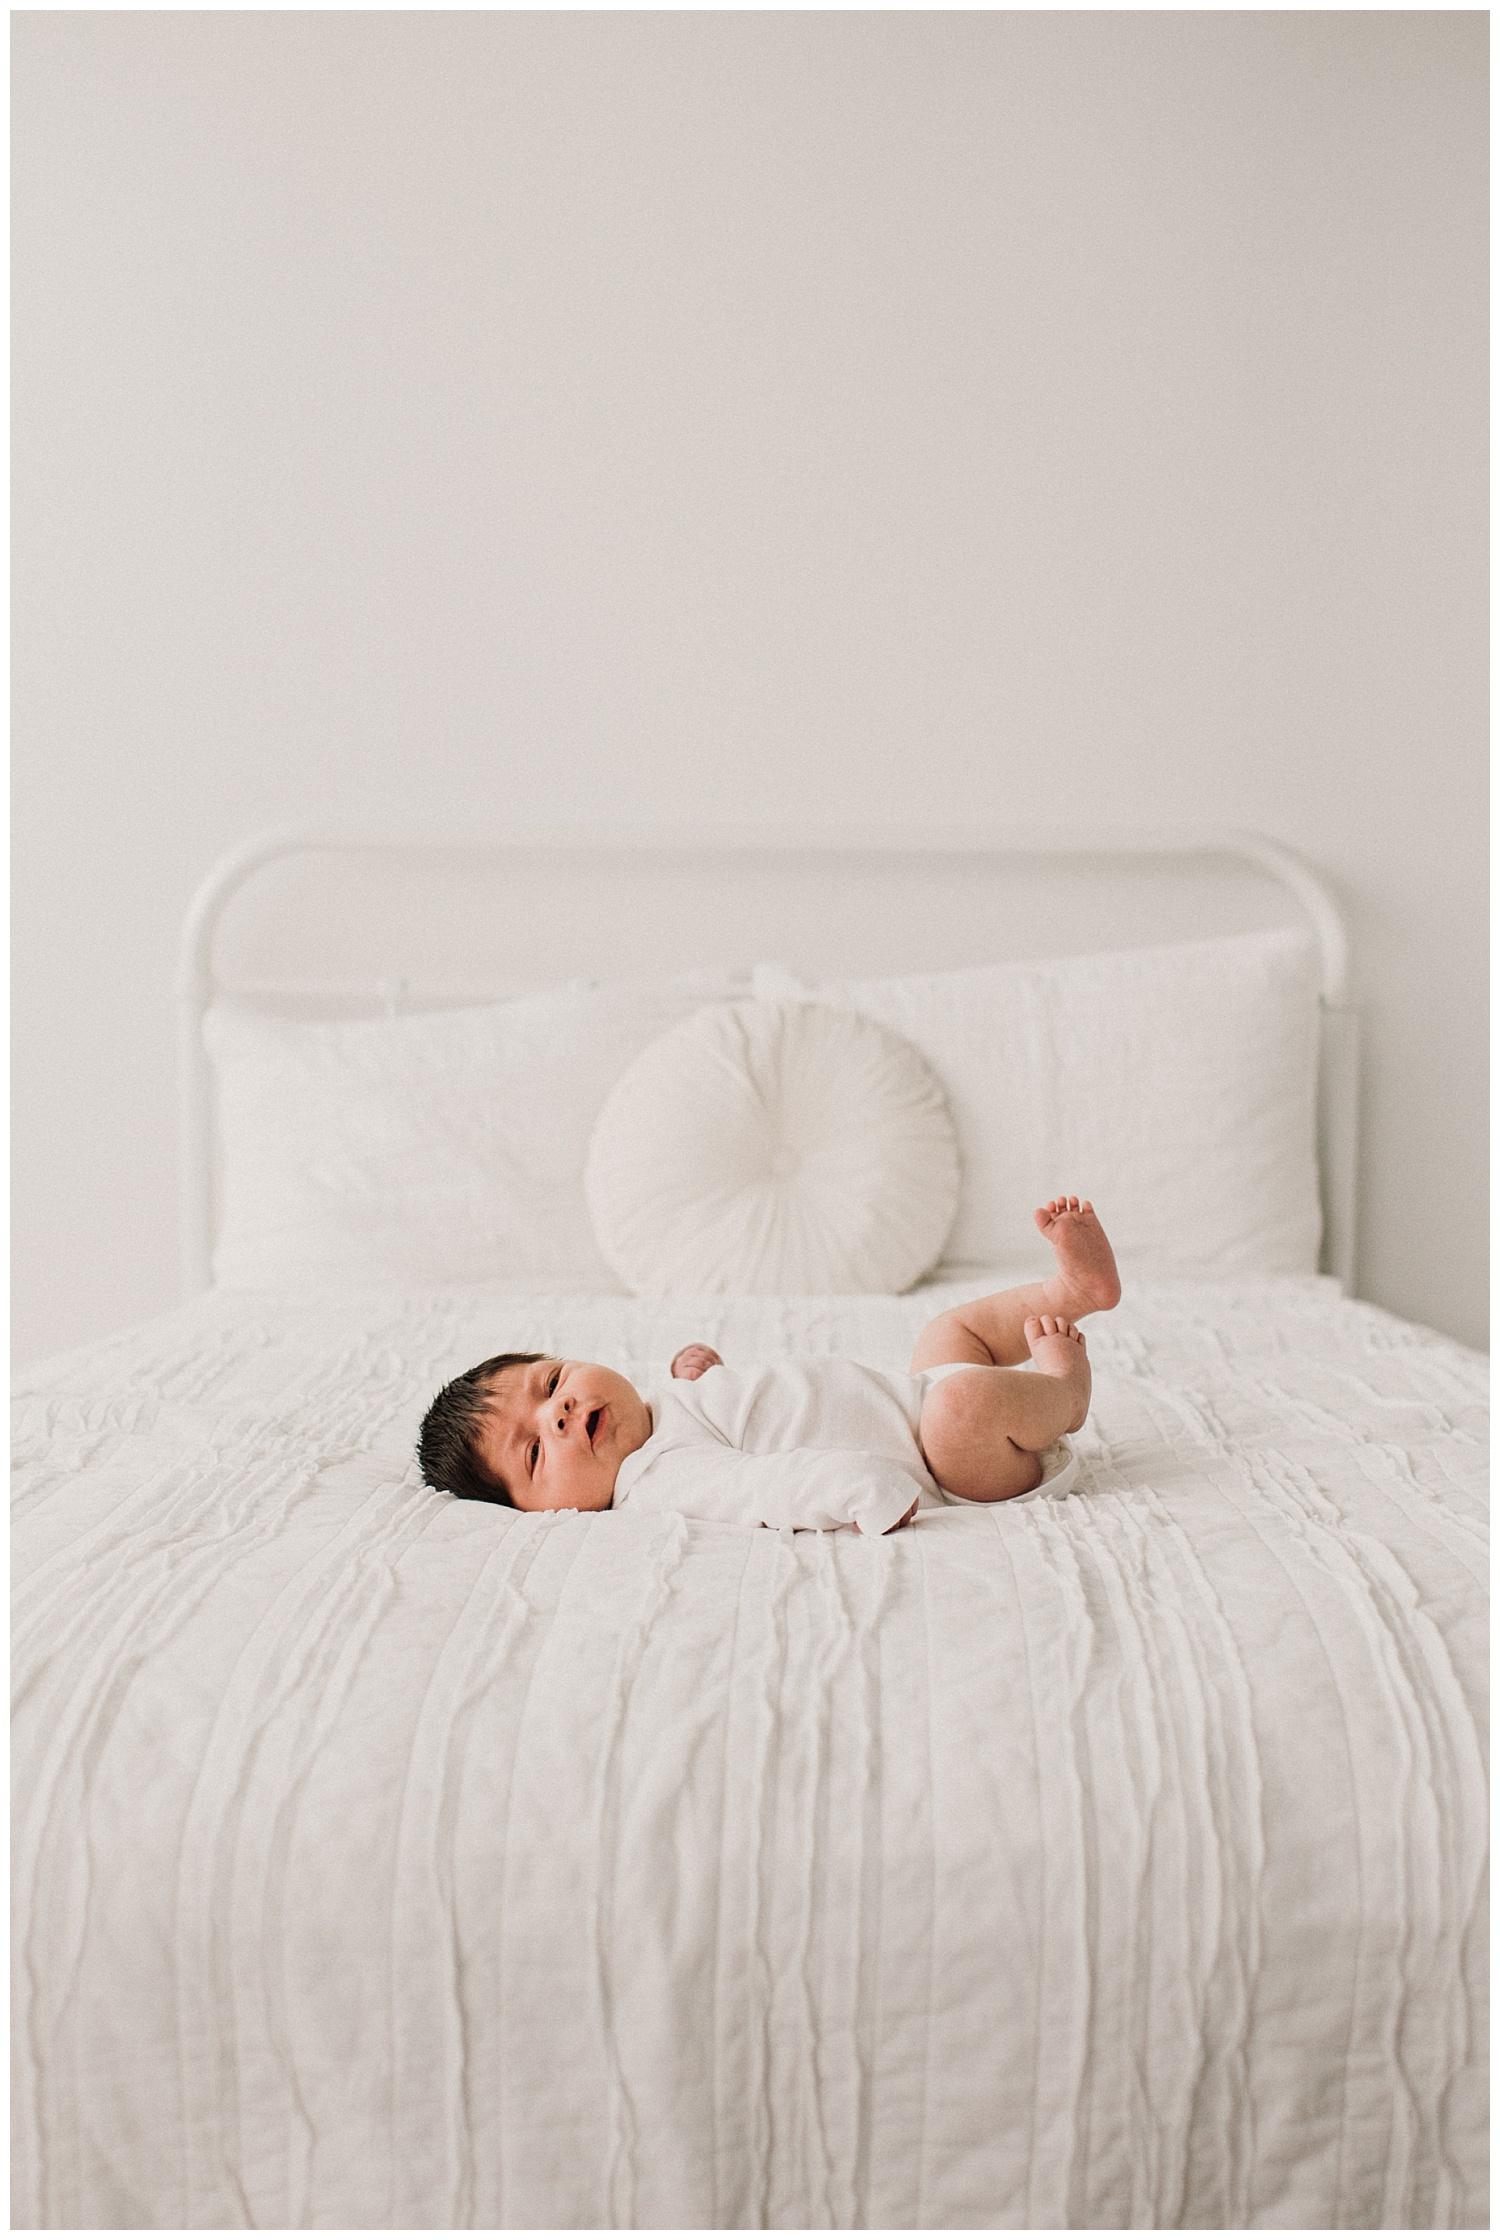 Milwaukee-newborn-photographer-2019 (26).jpg